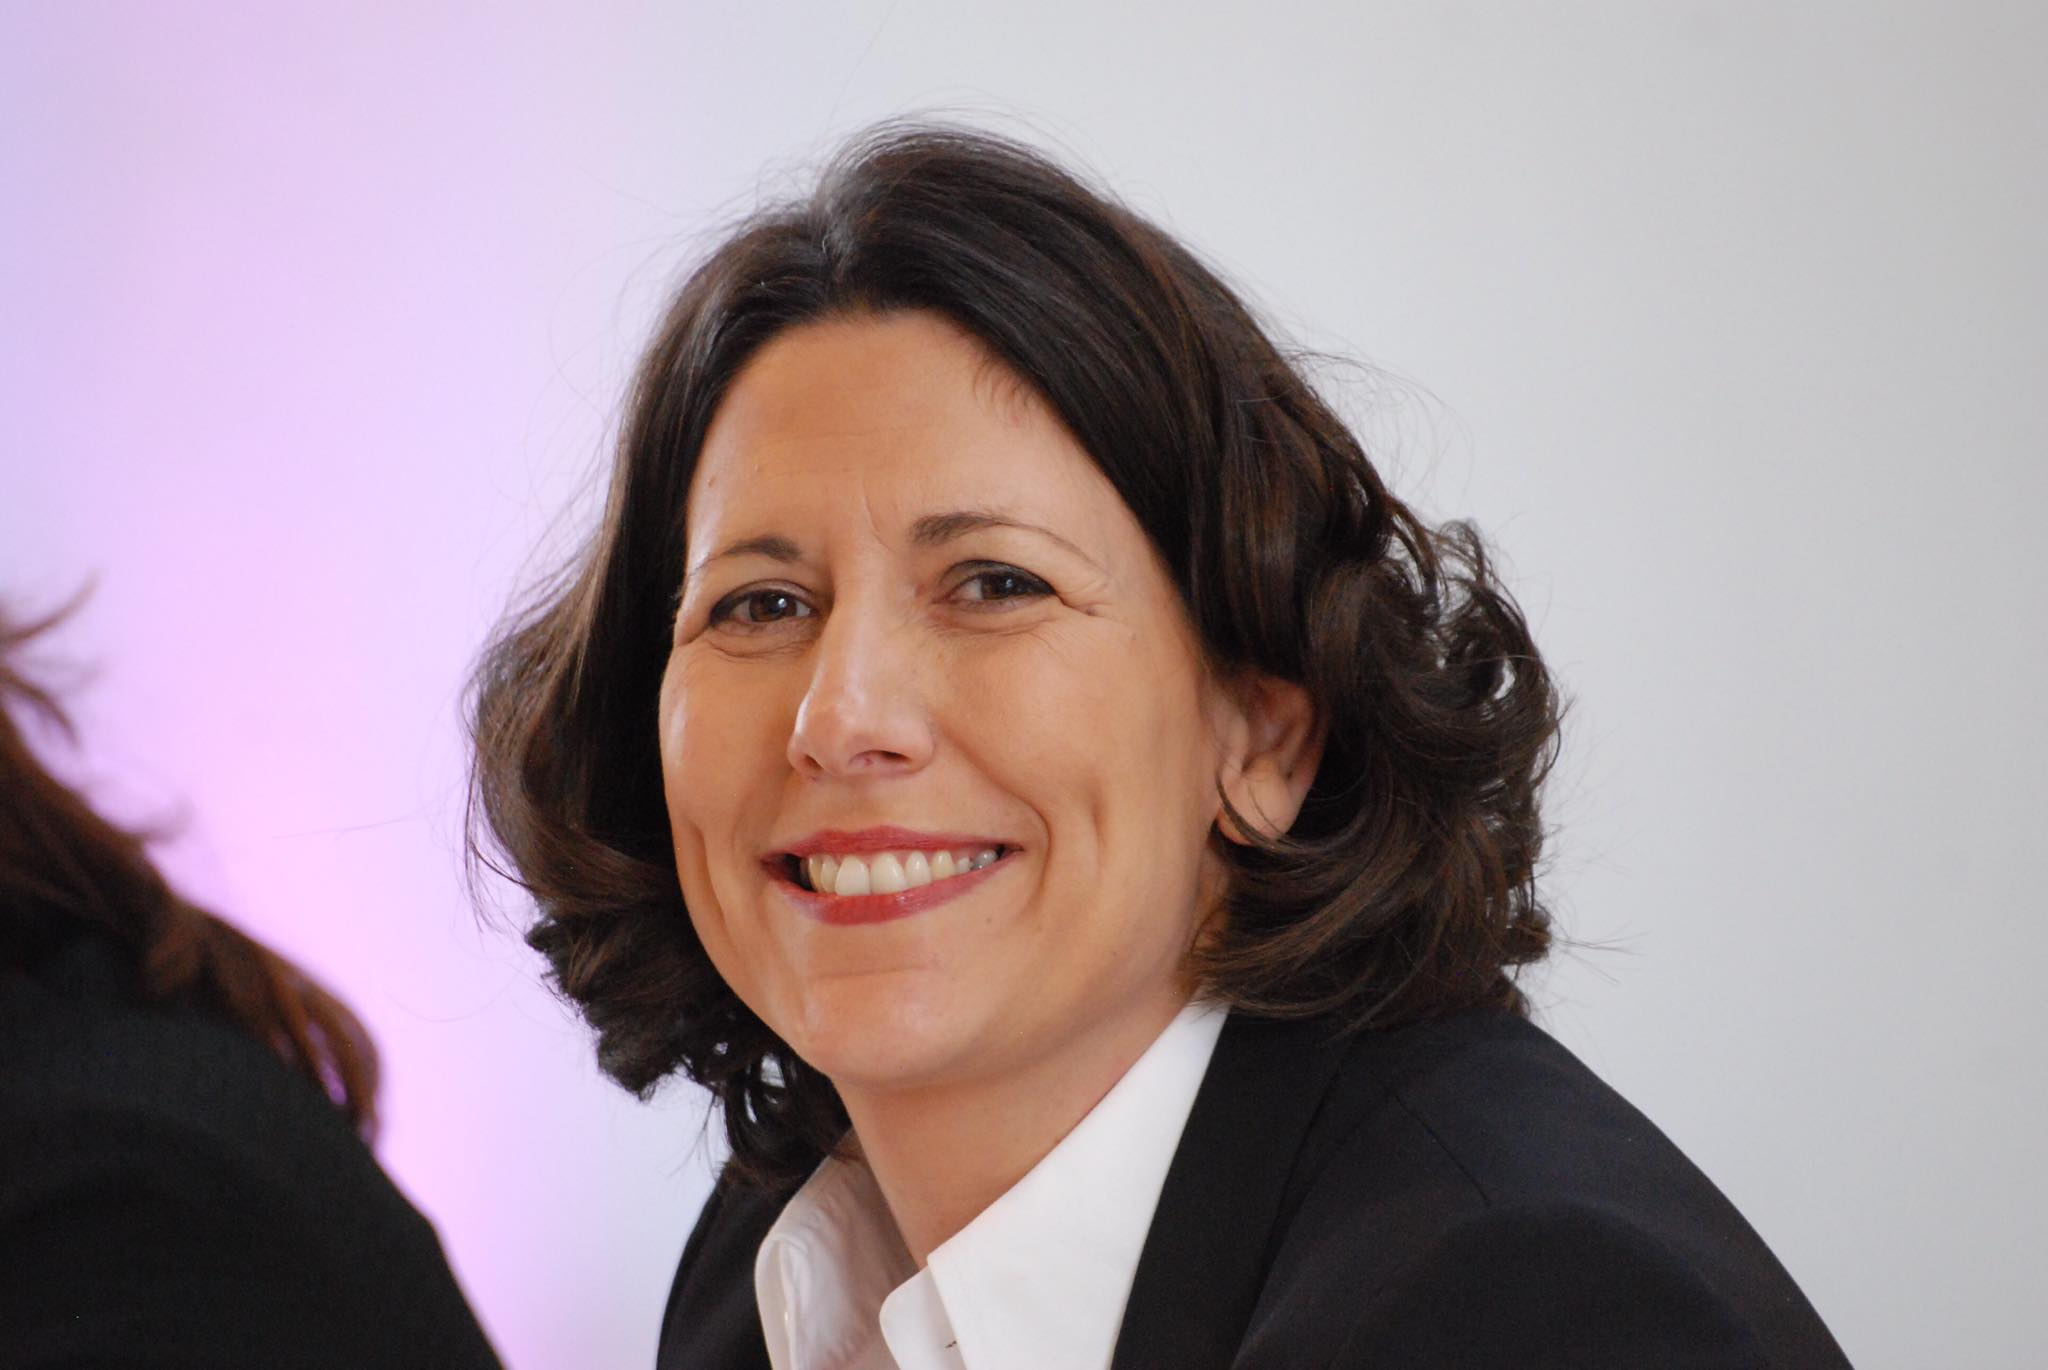 Daniela Schmitt, Staatssekretärin, Stv. Landesvorsitzende FDP RLP, Mitglied des Bundesvorstands der FDP